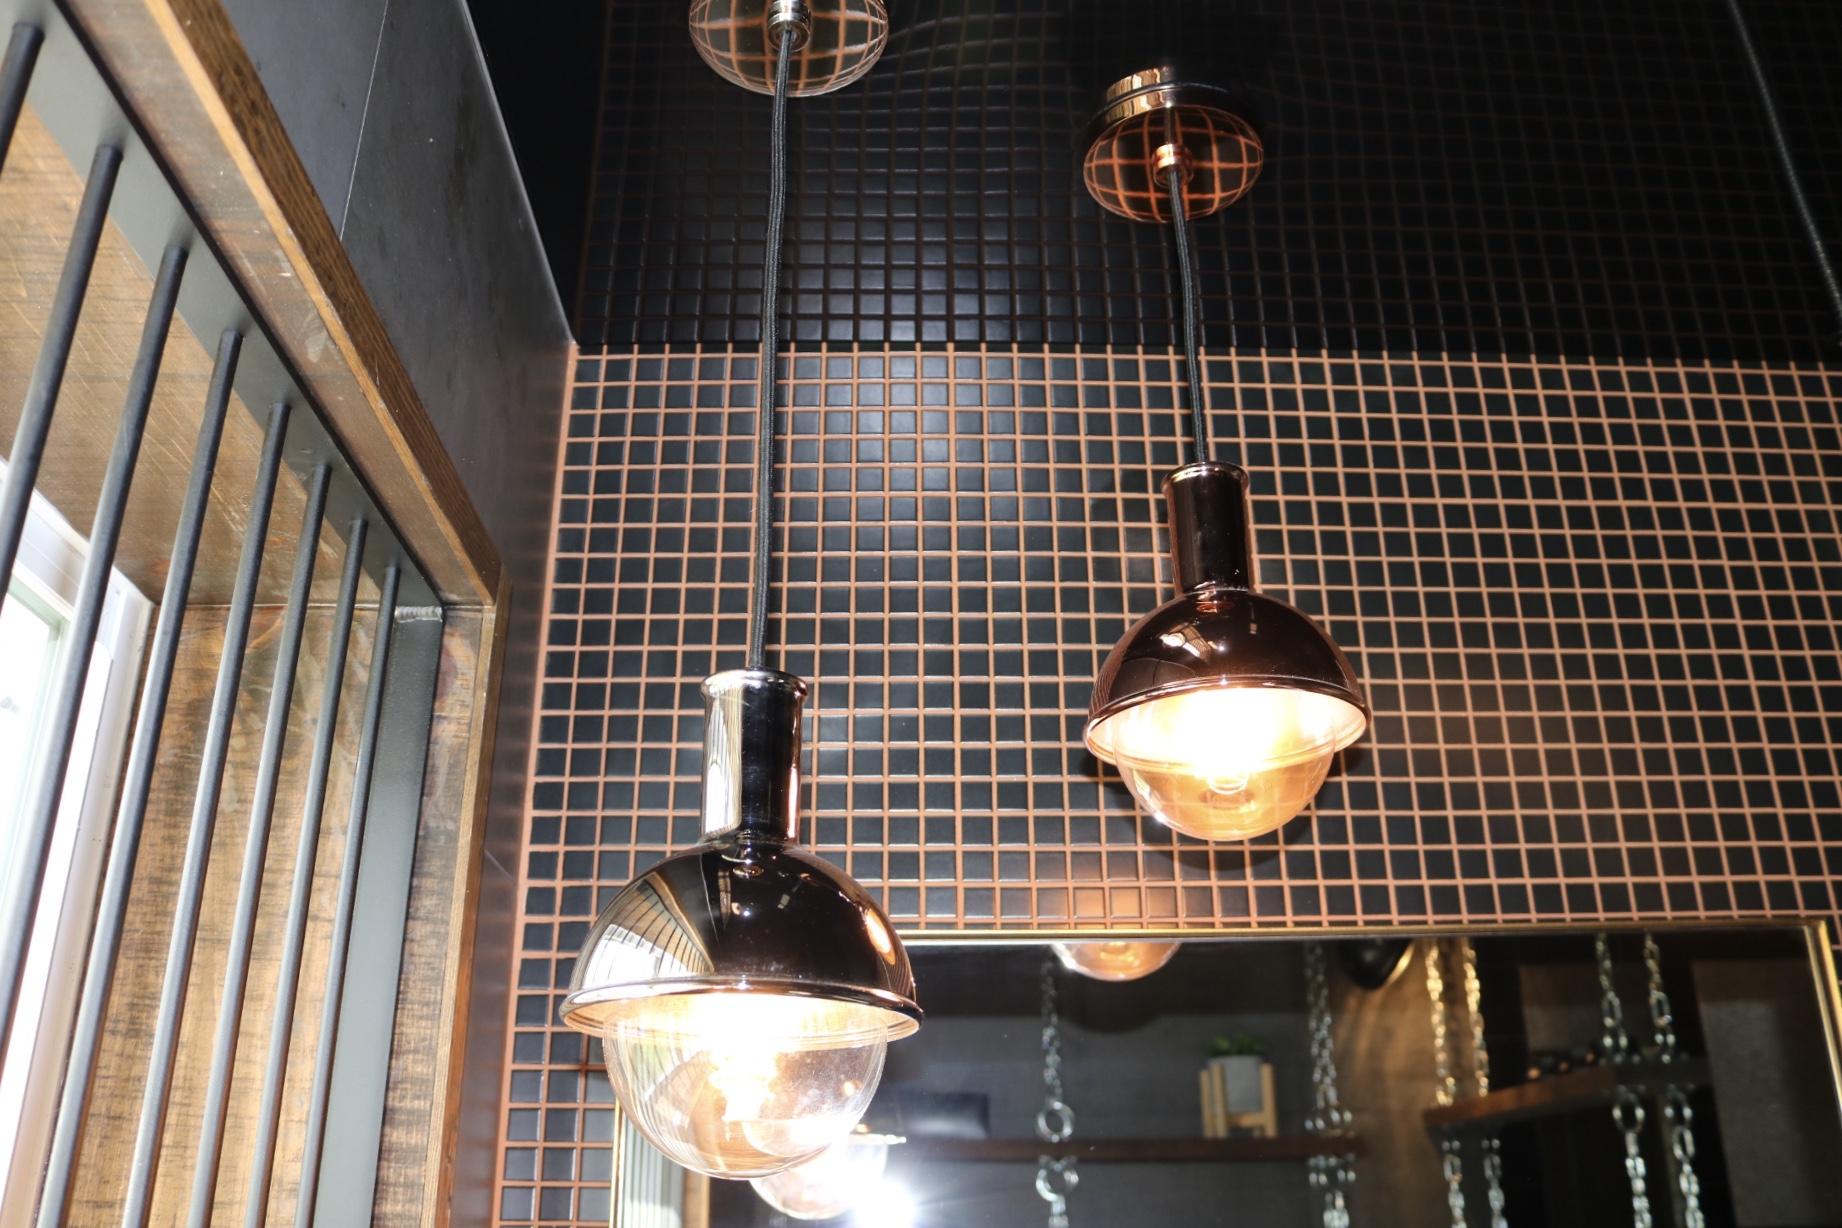 Réalisation design d'intérieur résidentielle L'unique salle d'eau luminaire cuivre ETC 2018